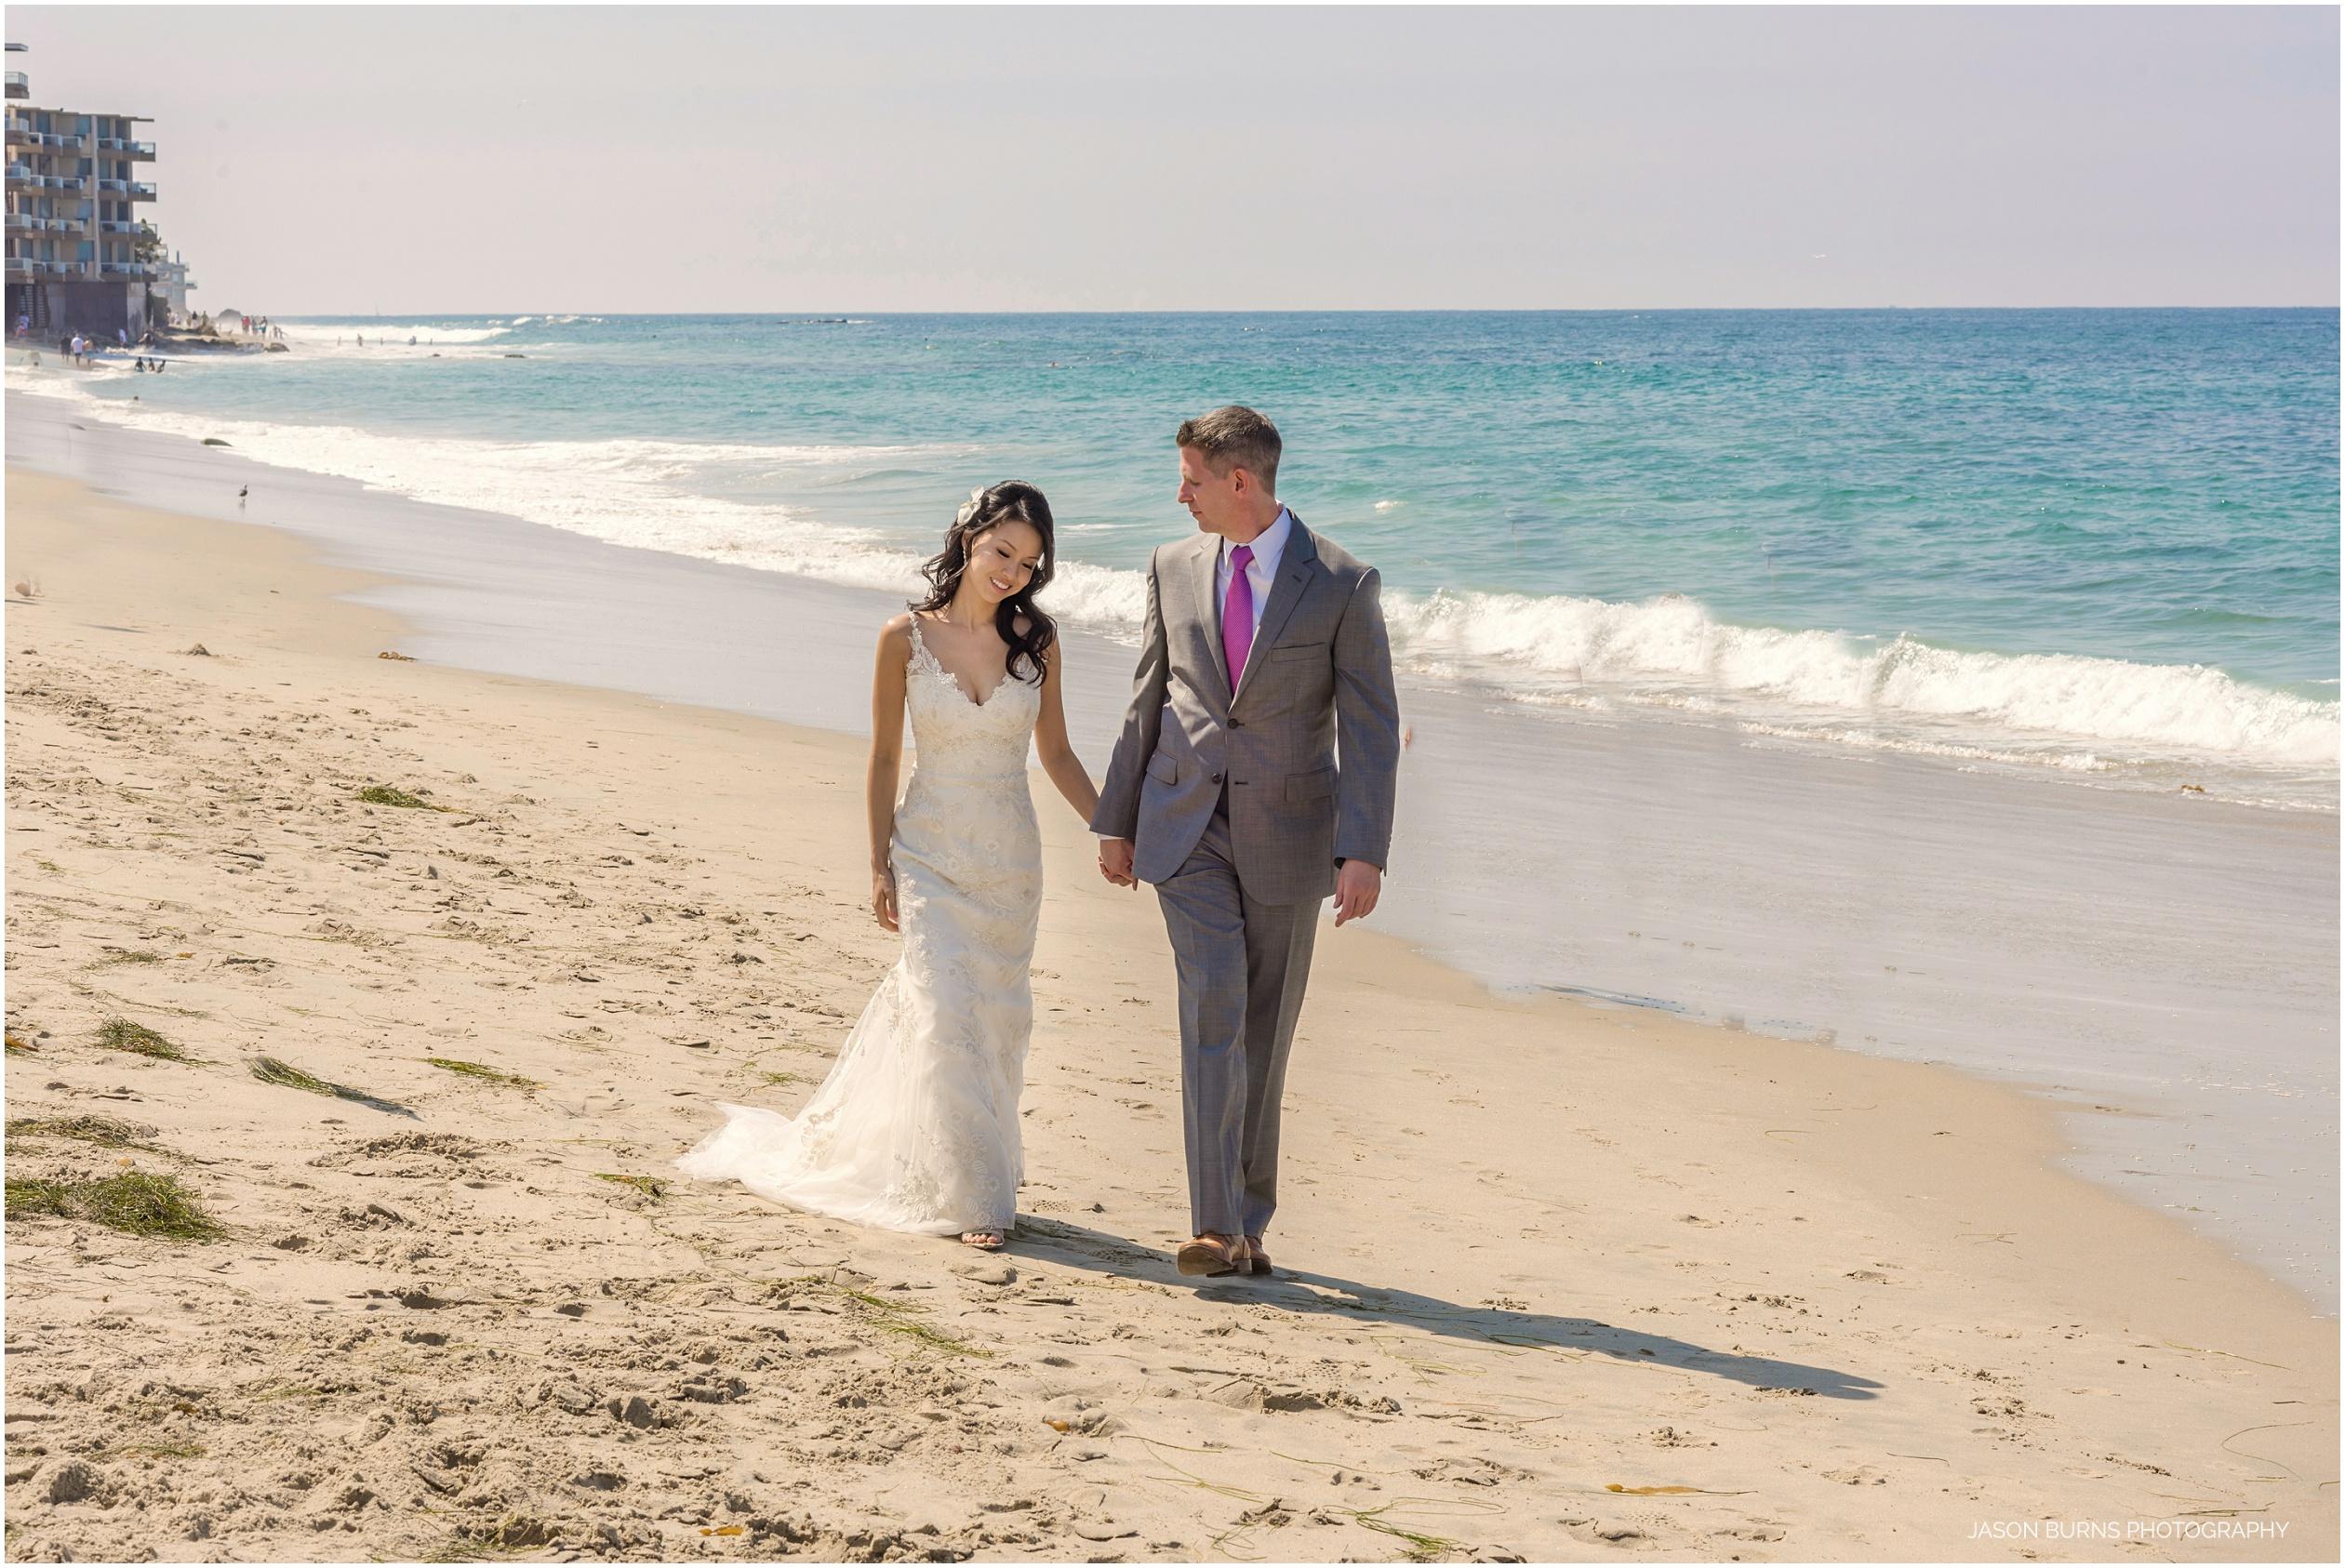 Hotel-laguna-wedding-laguna-beach25